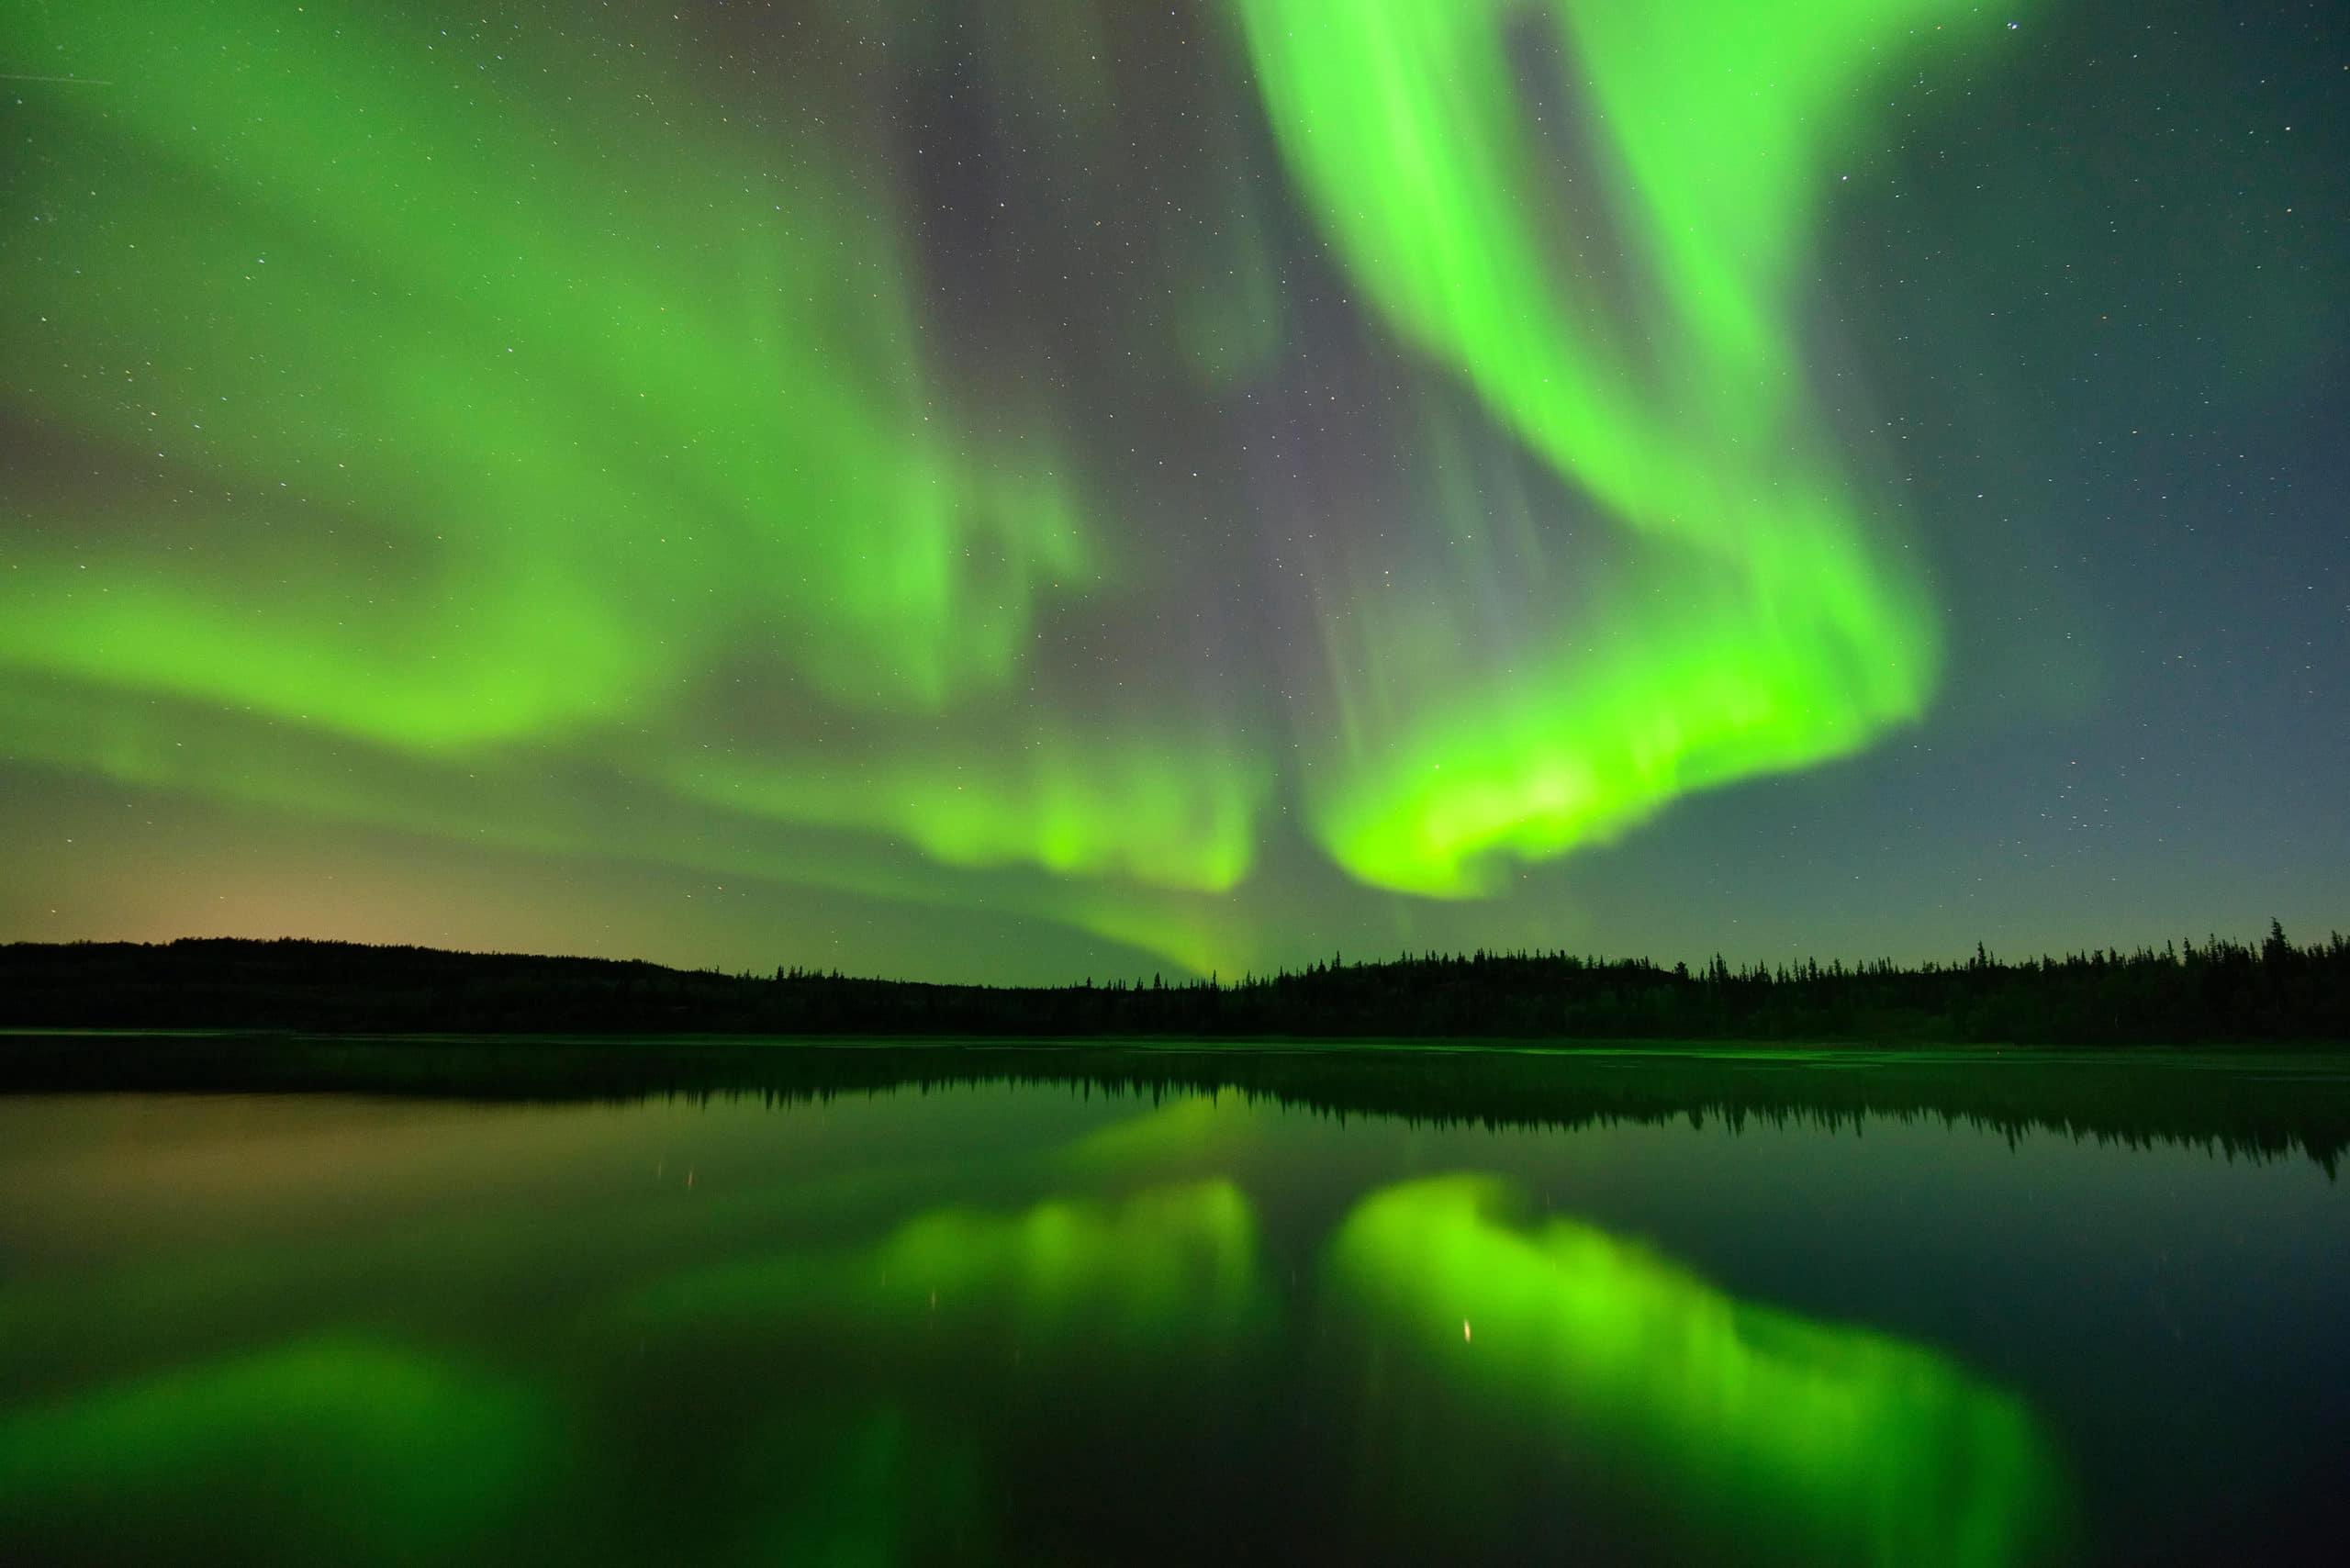 الأضواء الشمالية والجنوبية وحدوث عاصفة شمسية